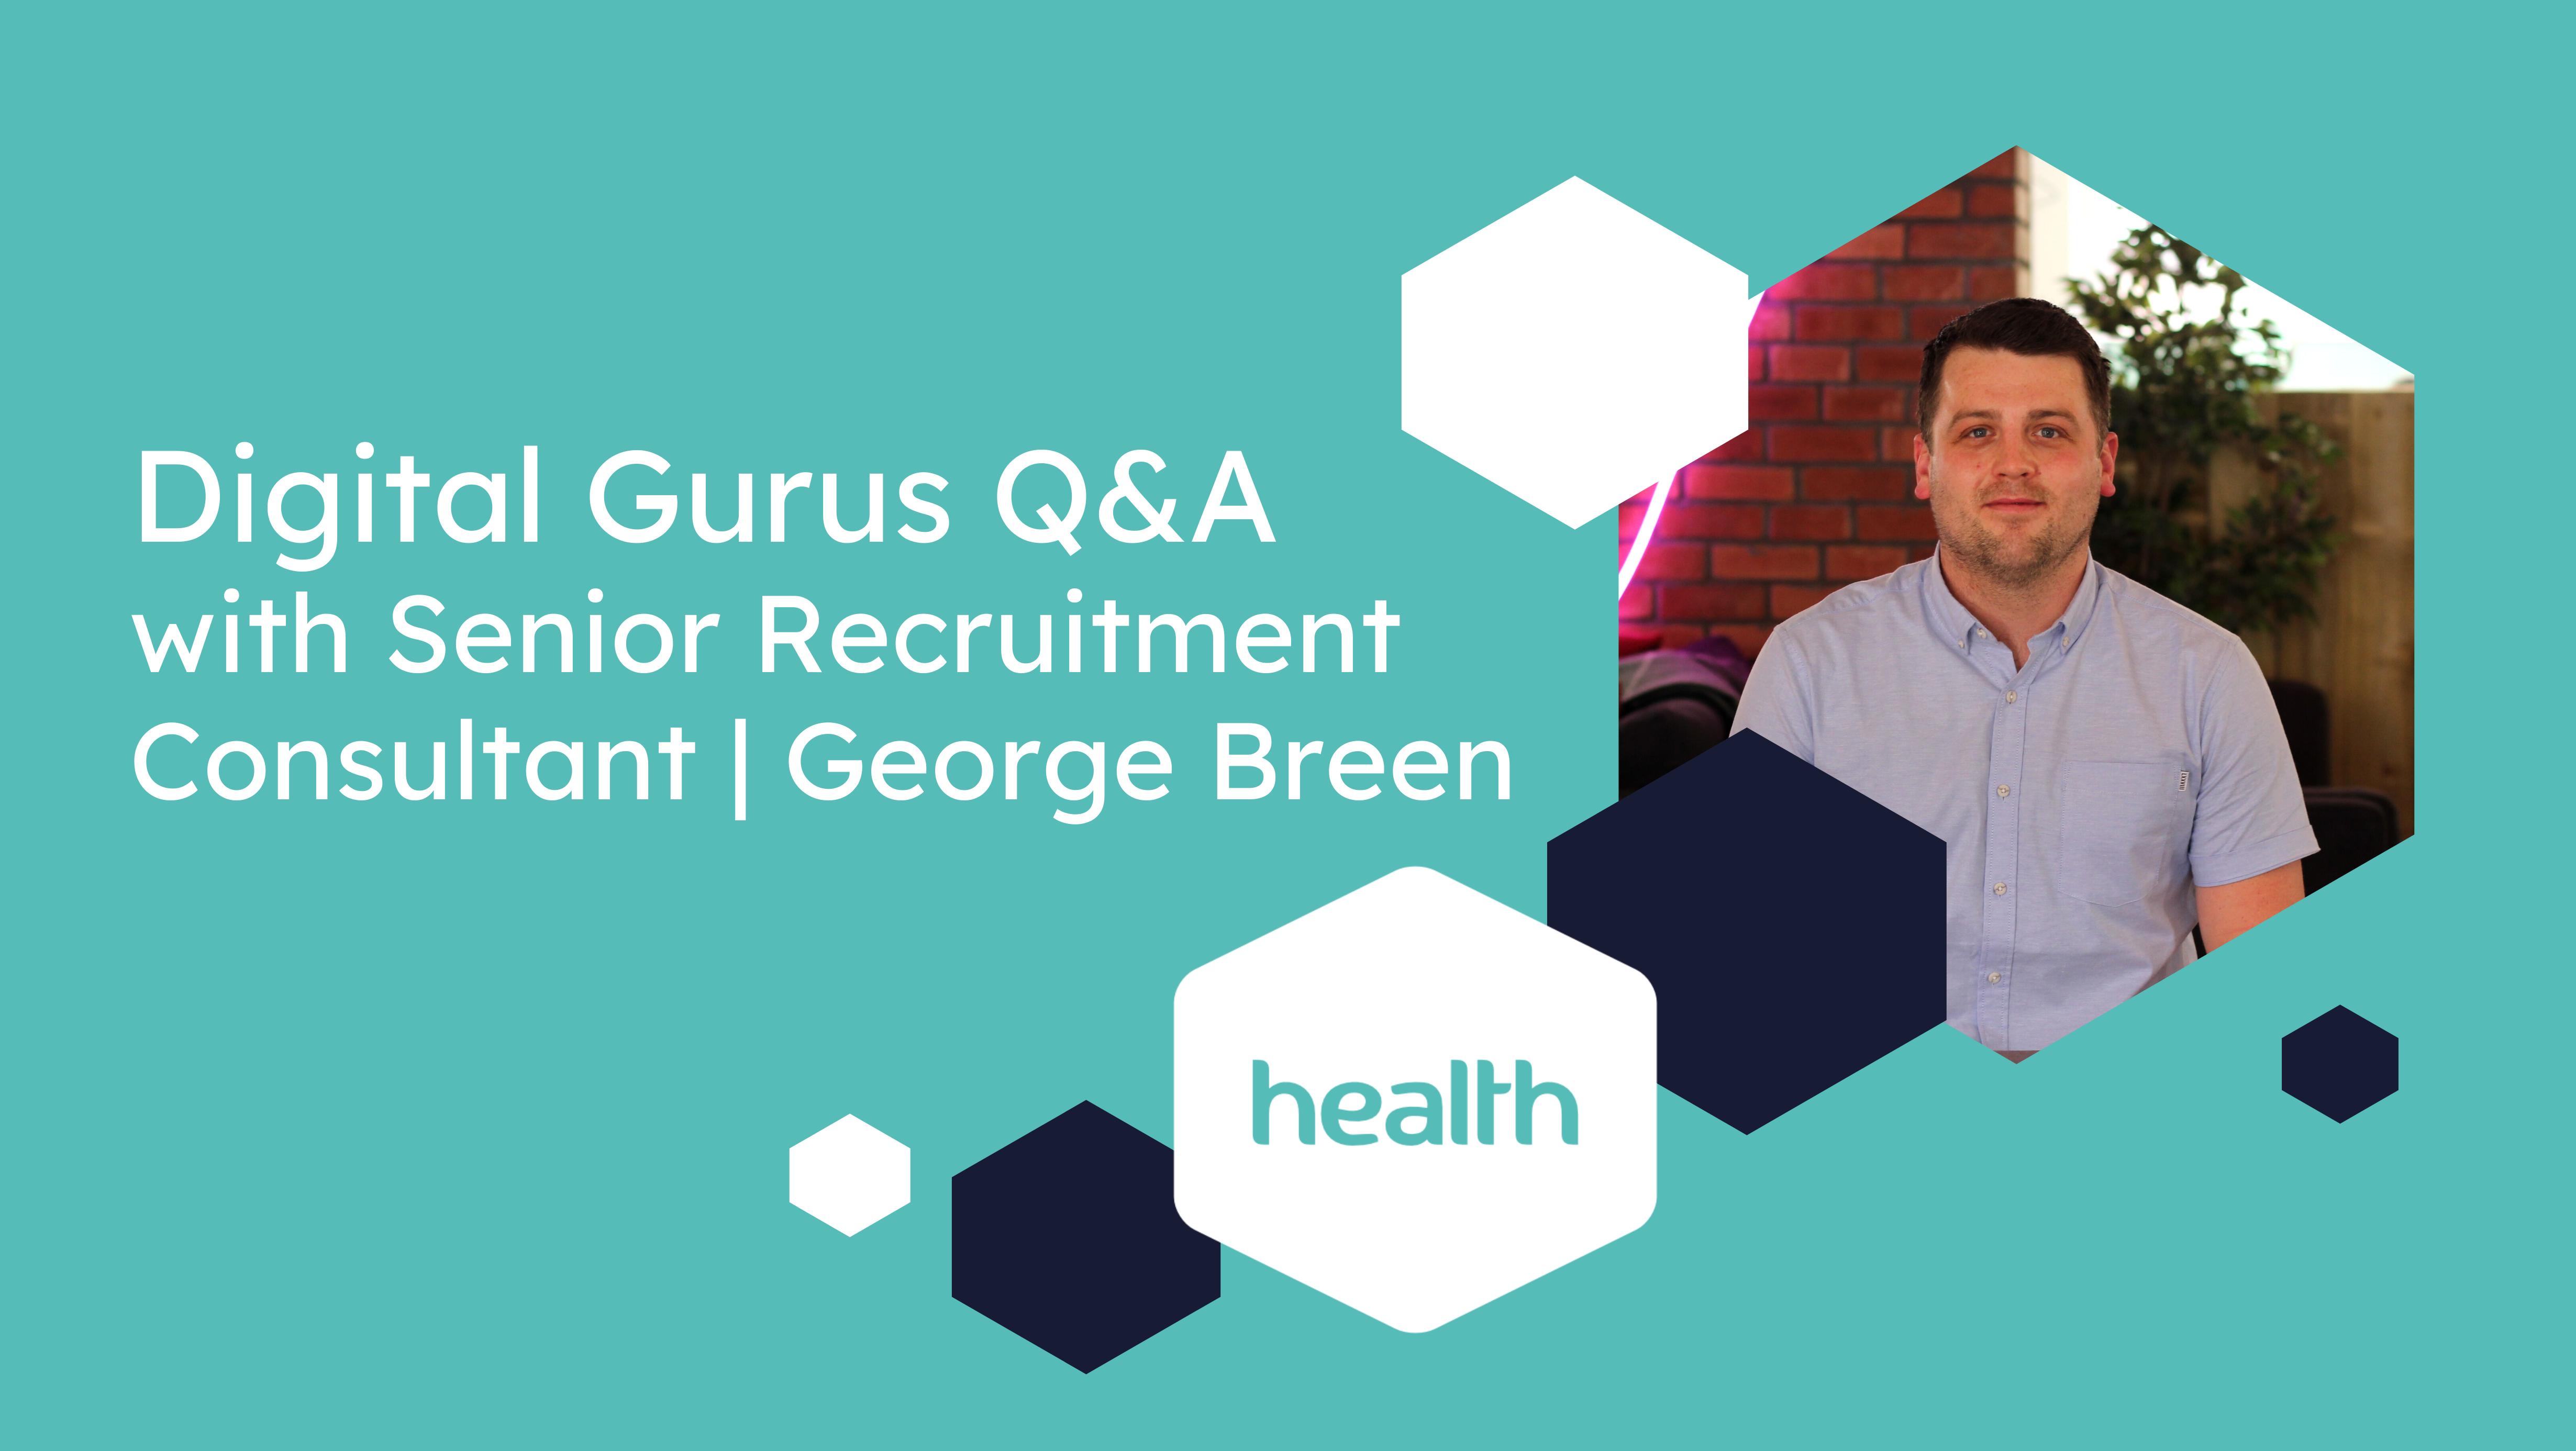 Meet Health recruitment expert - George Breen